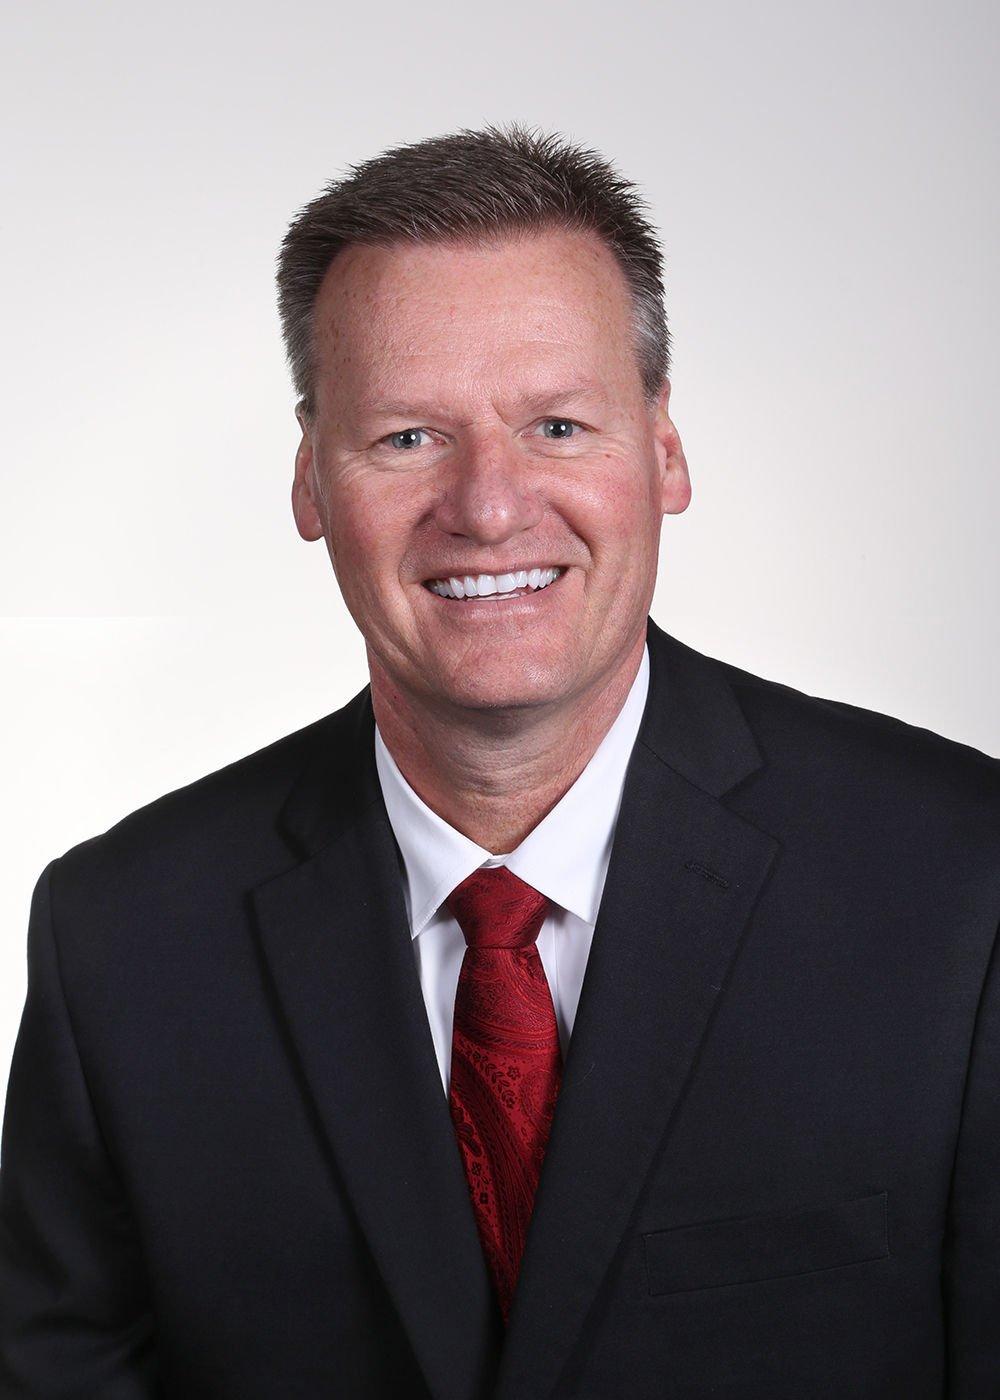 Bryan Albrecht